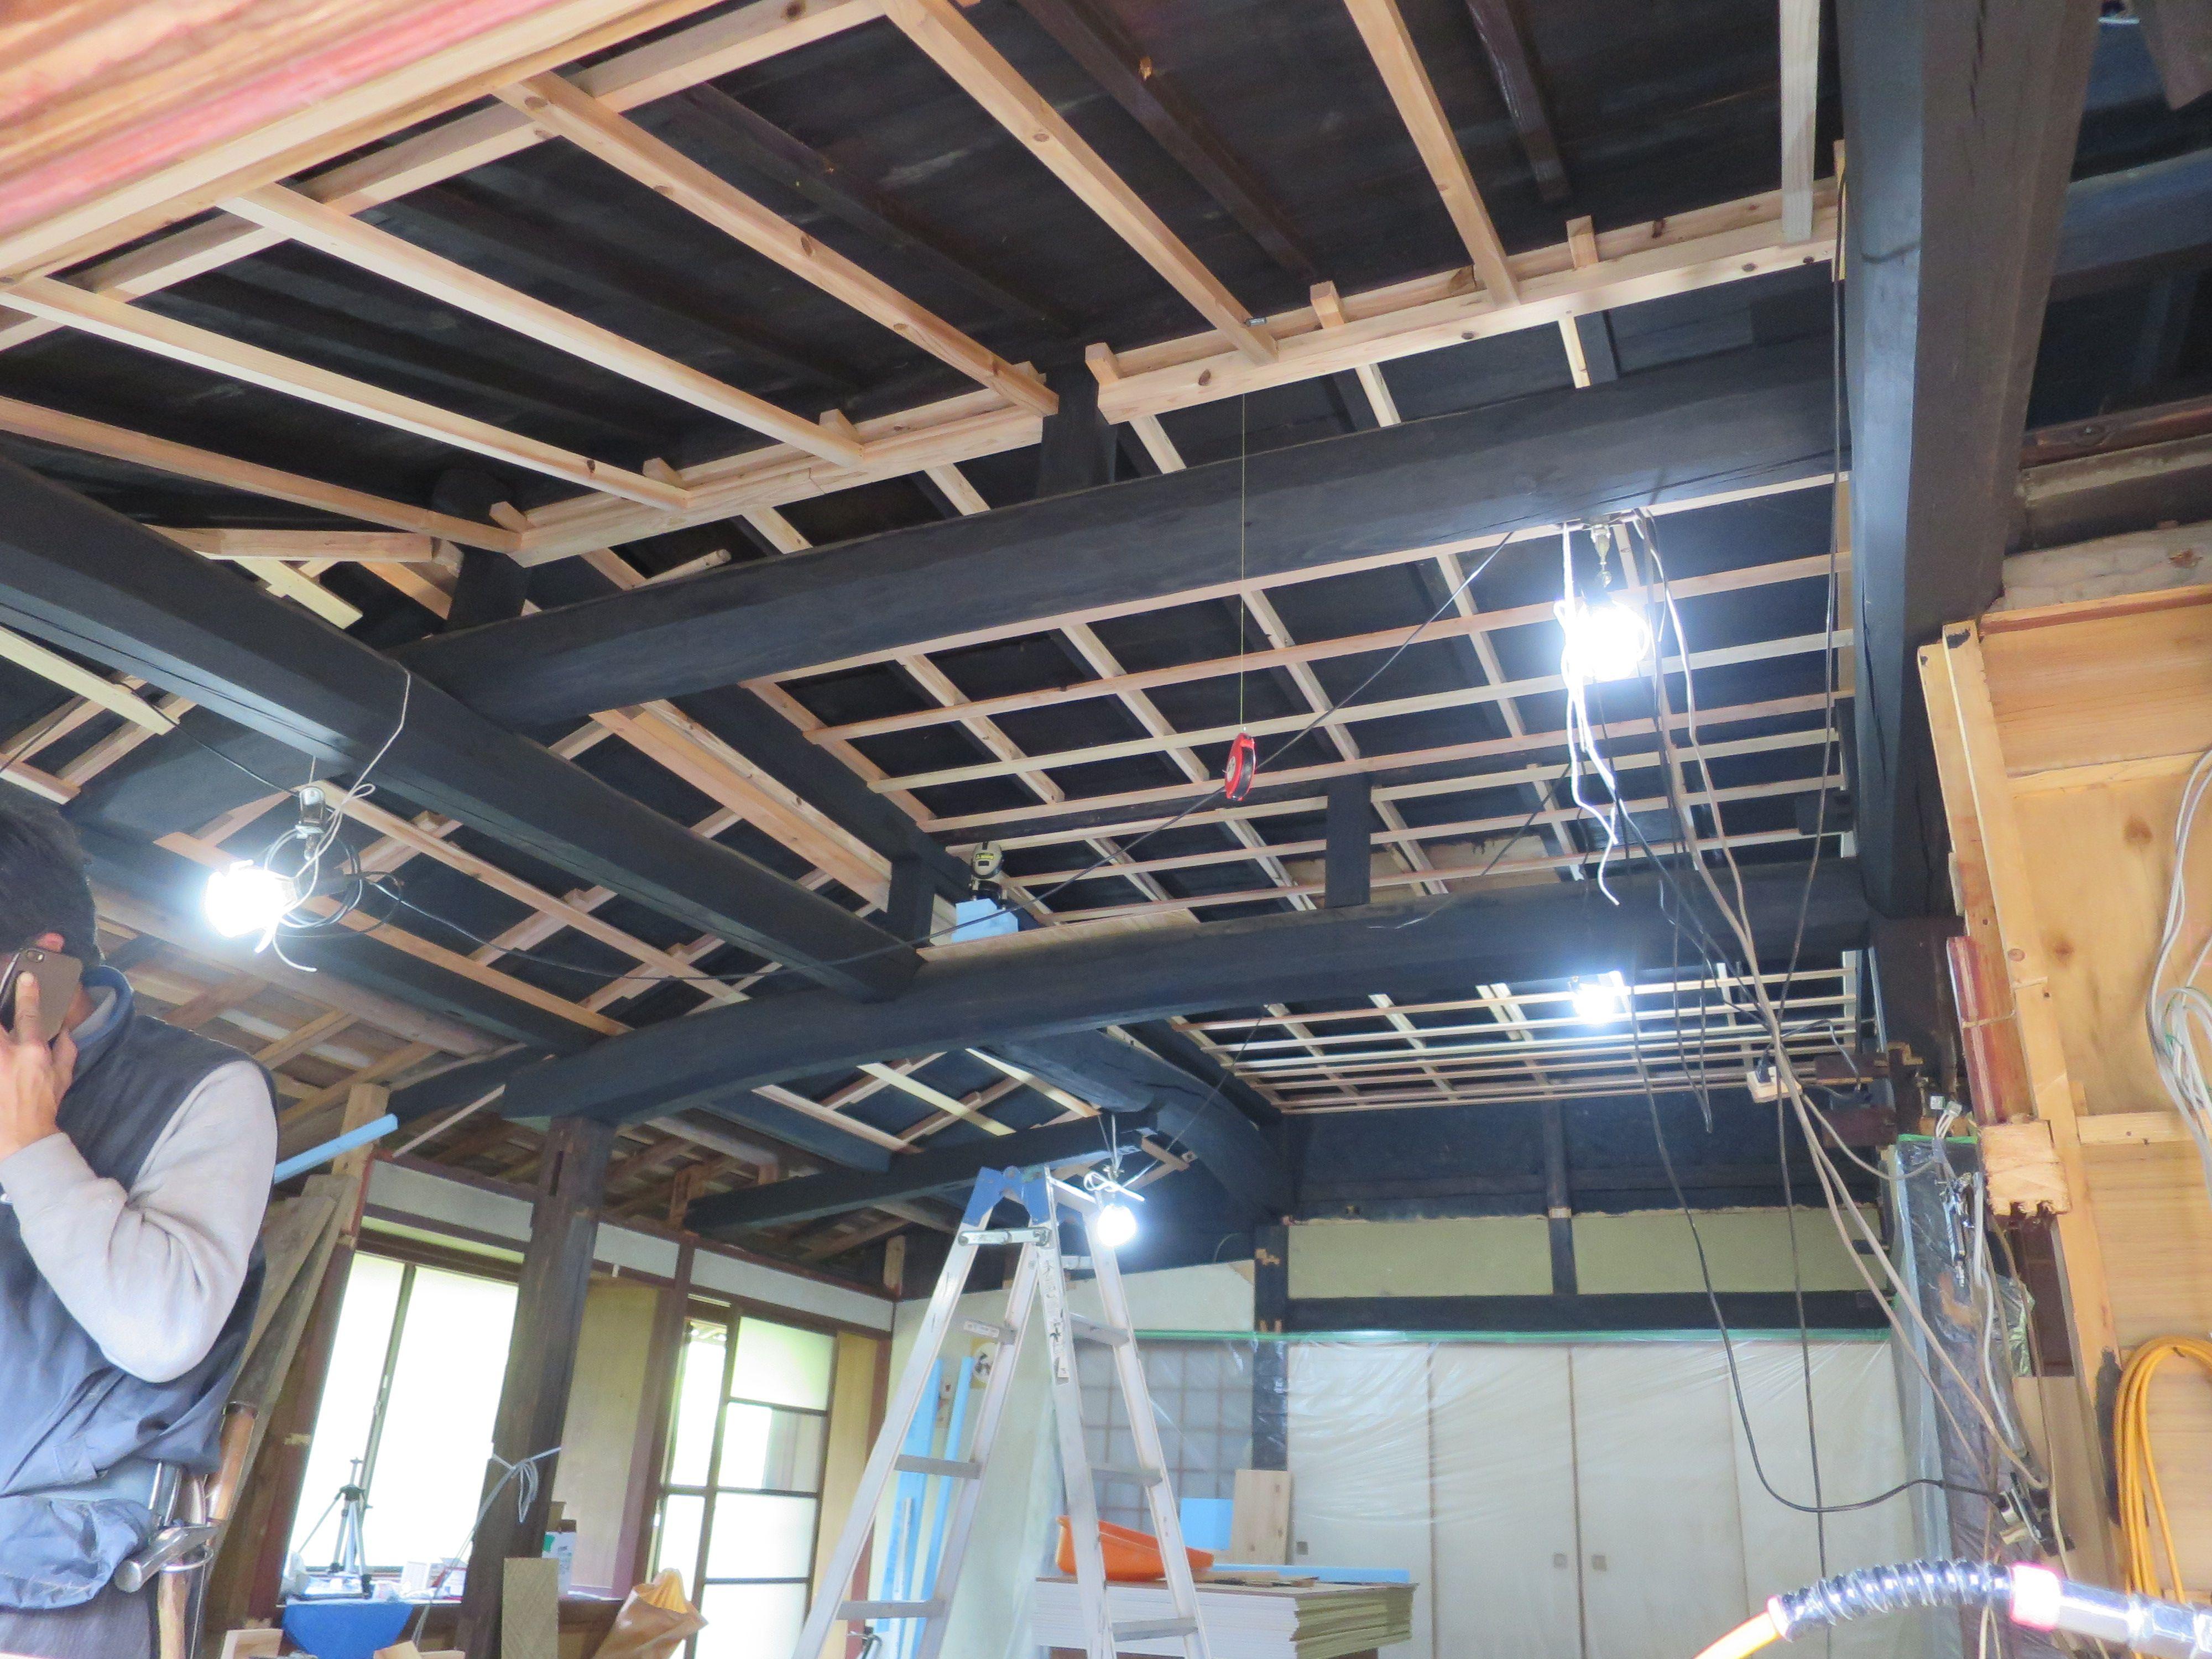 吹抜け天井 下地材の打ち付け作業中 3 4完了 リフォーム 古民家